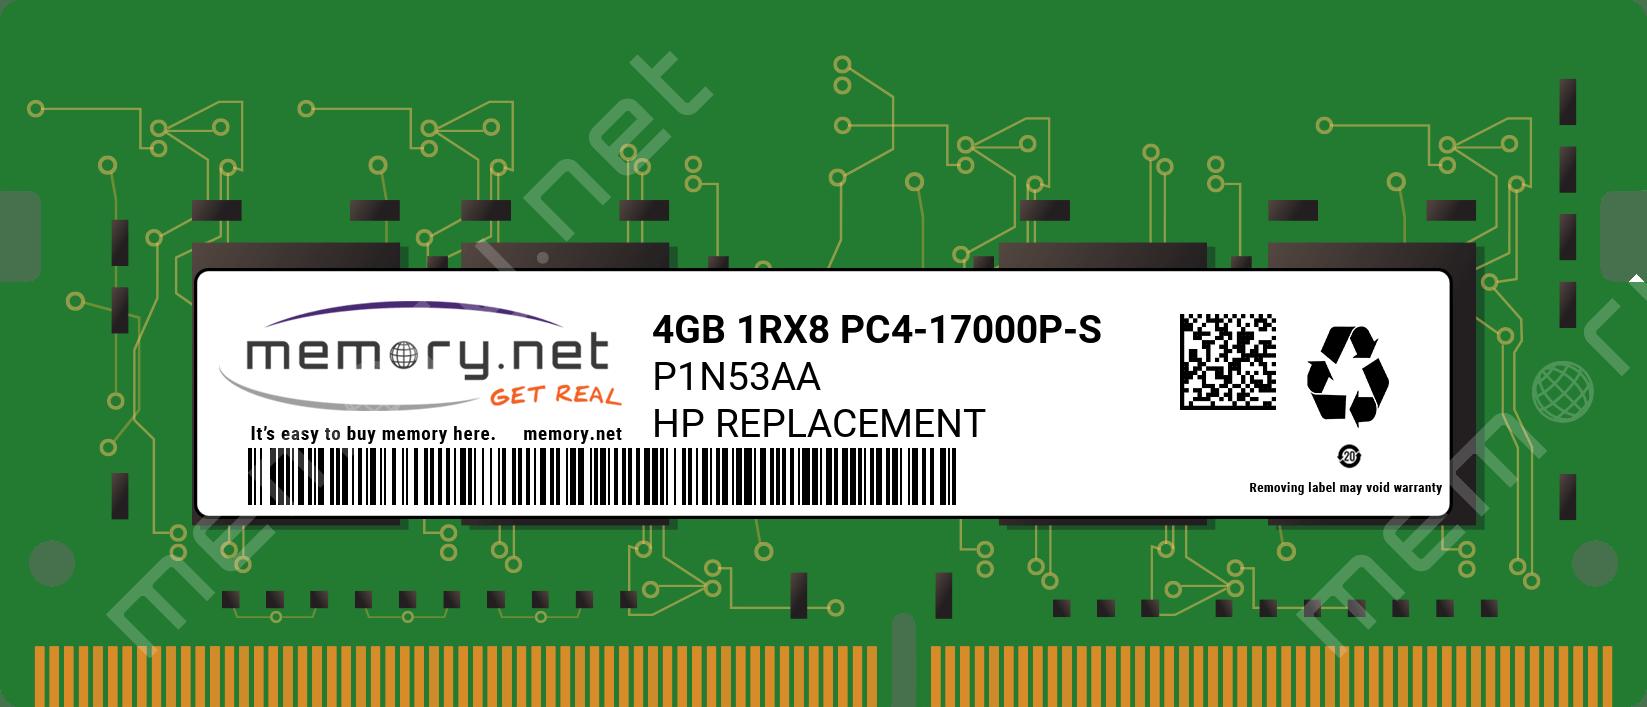 P1N53AA